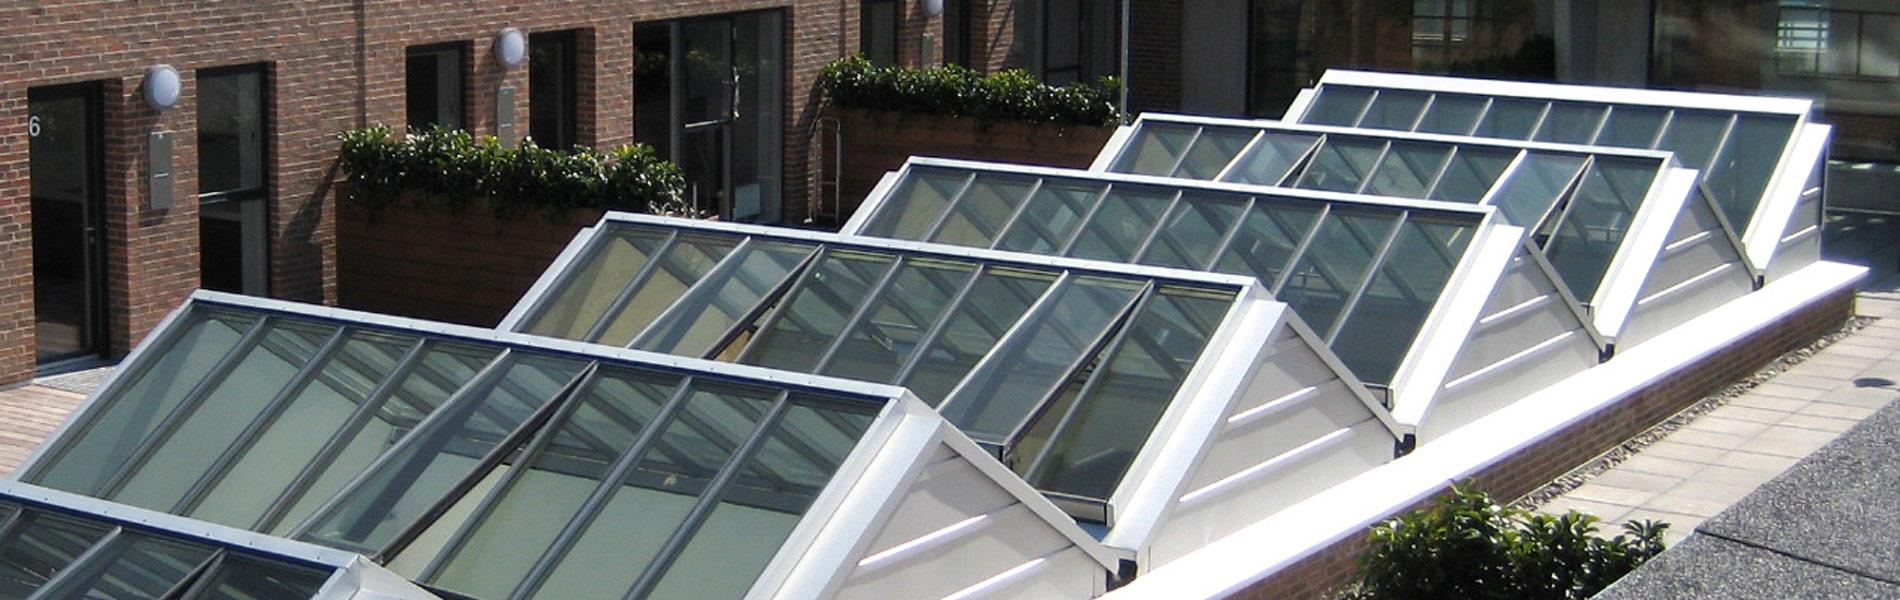 Atrium - mehrere Lichtbänder oder Sattel-Lichtbänder kombiniert zu einem großen Glasdach